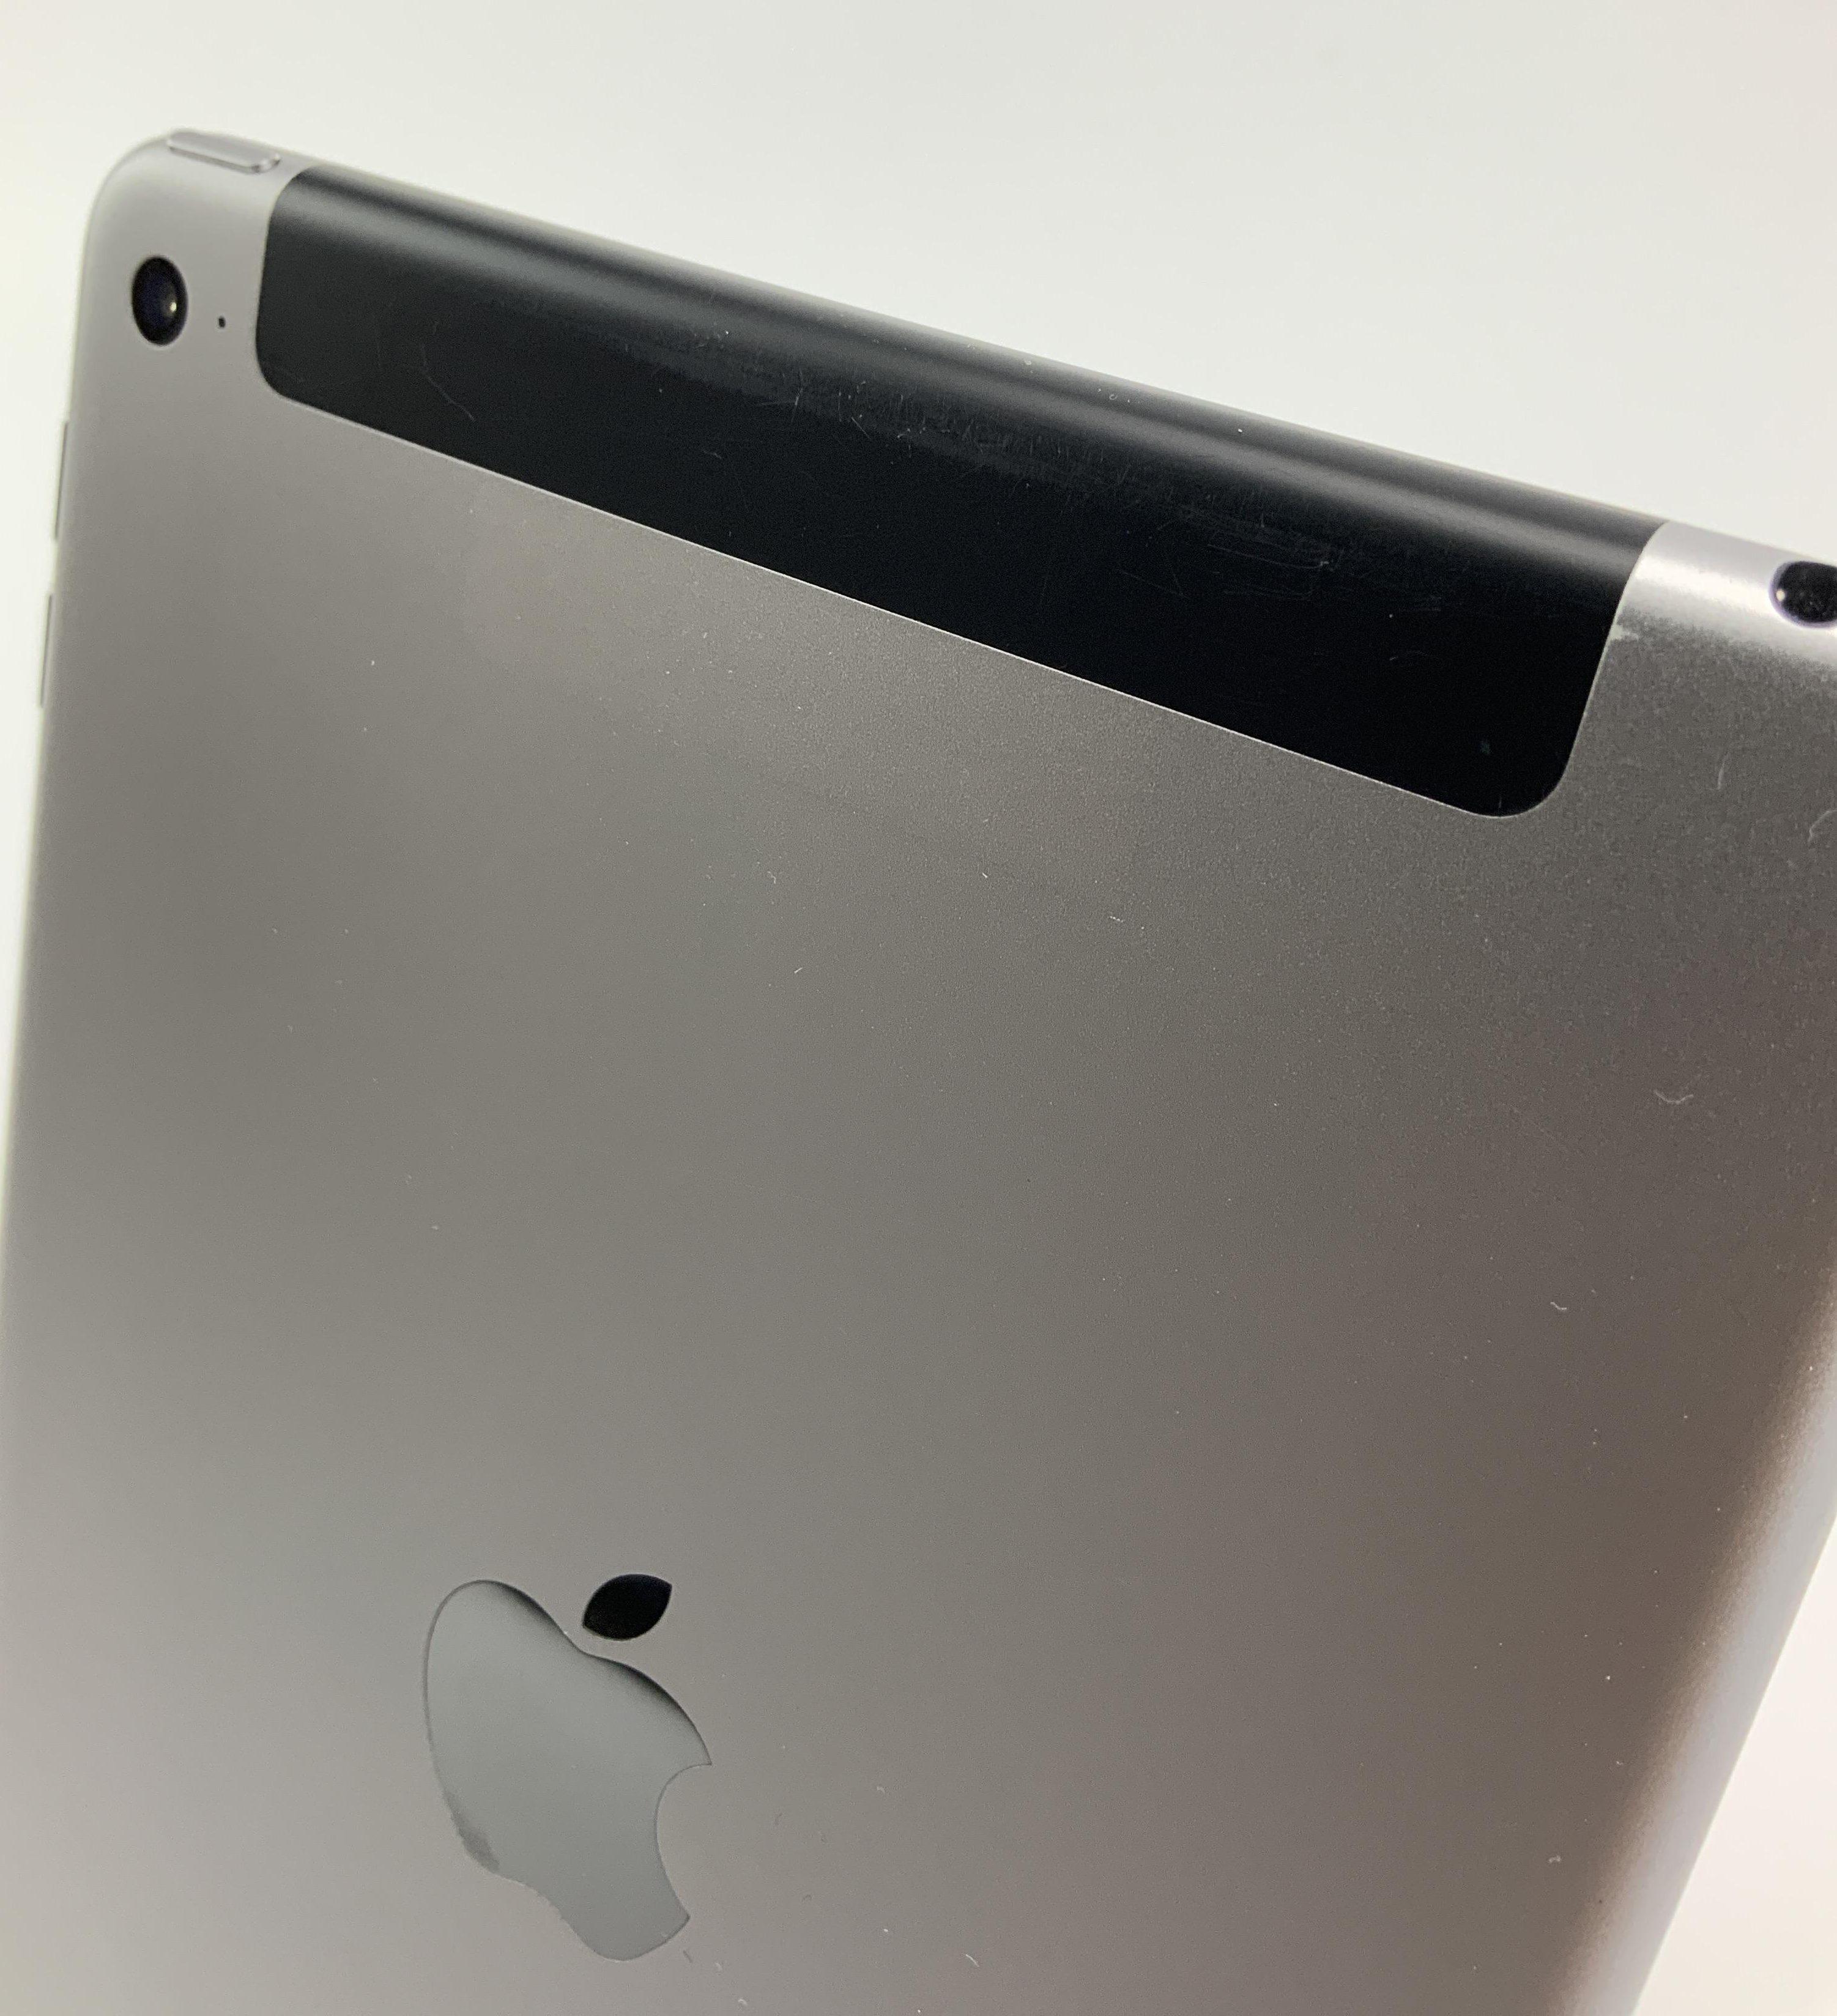 iPad mini 4 Wi-Fi + Cellular 128GB, 128GB, Space Gray, Kuva 3